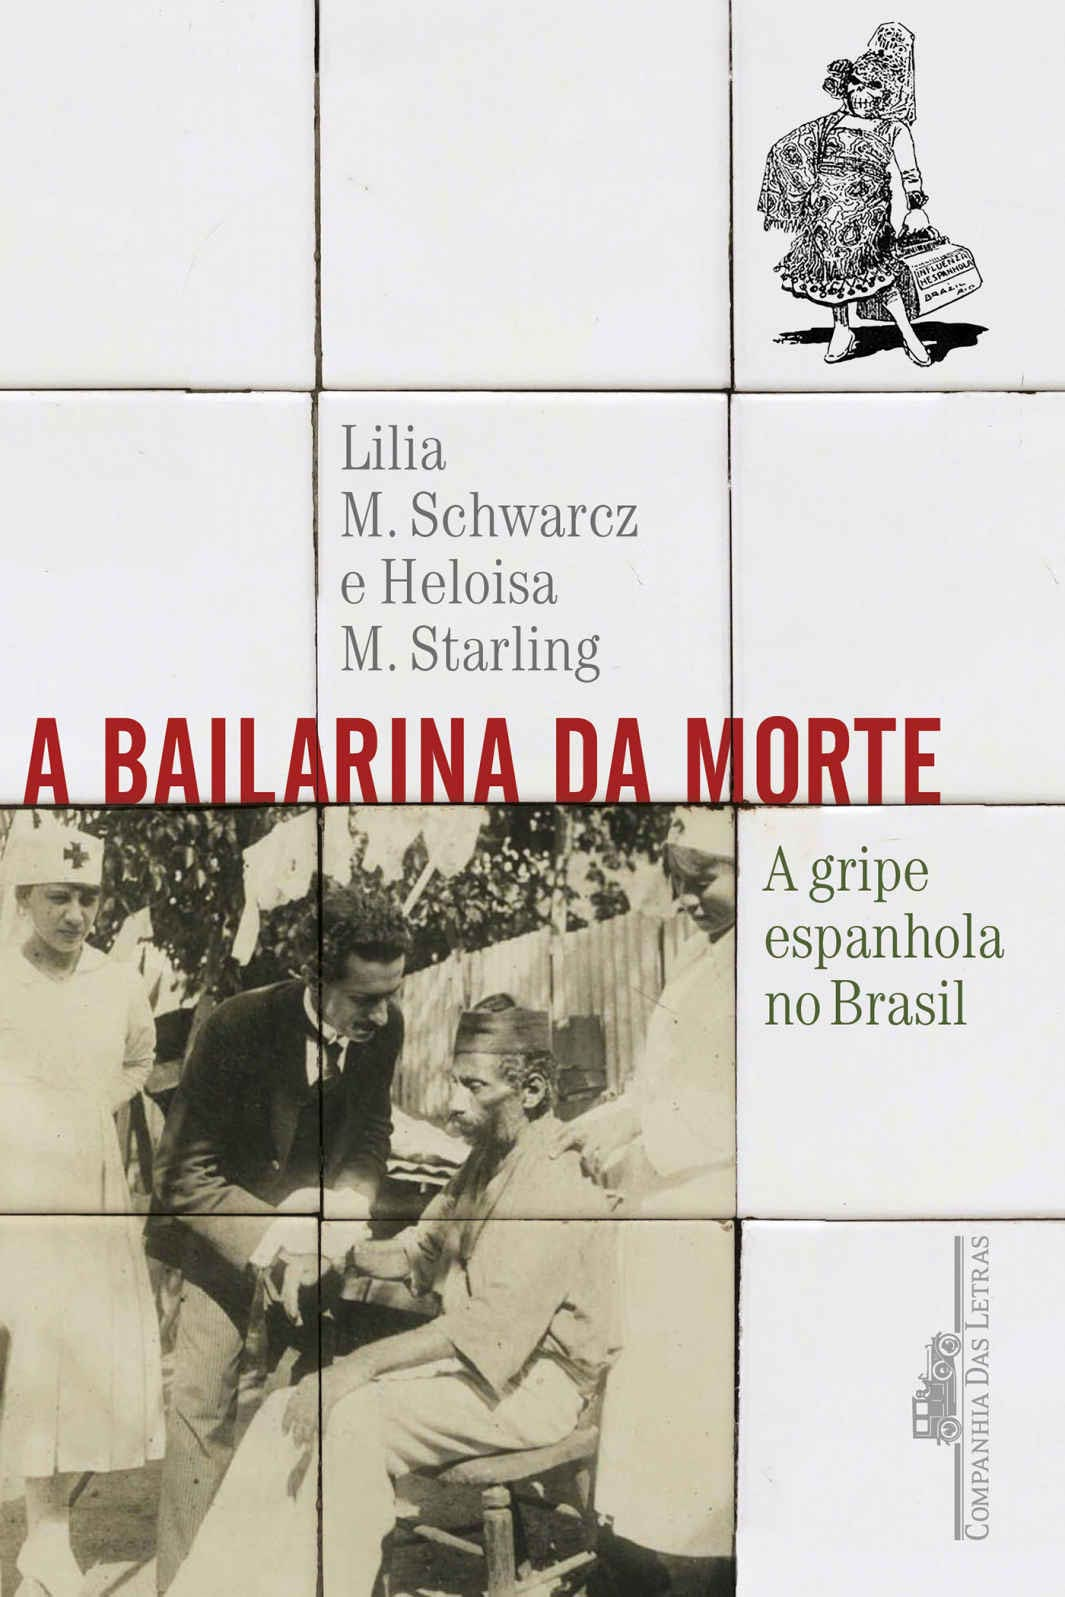 livro-gripe-espanhola